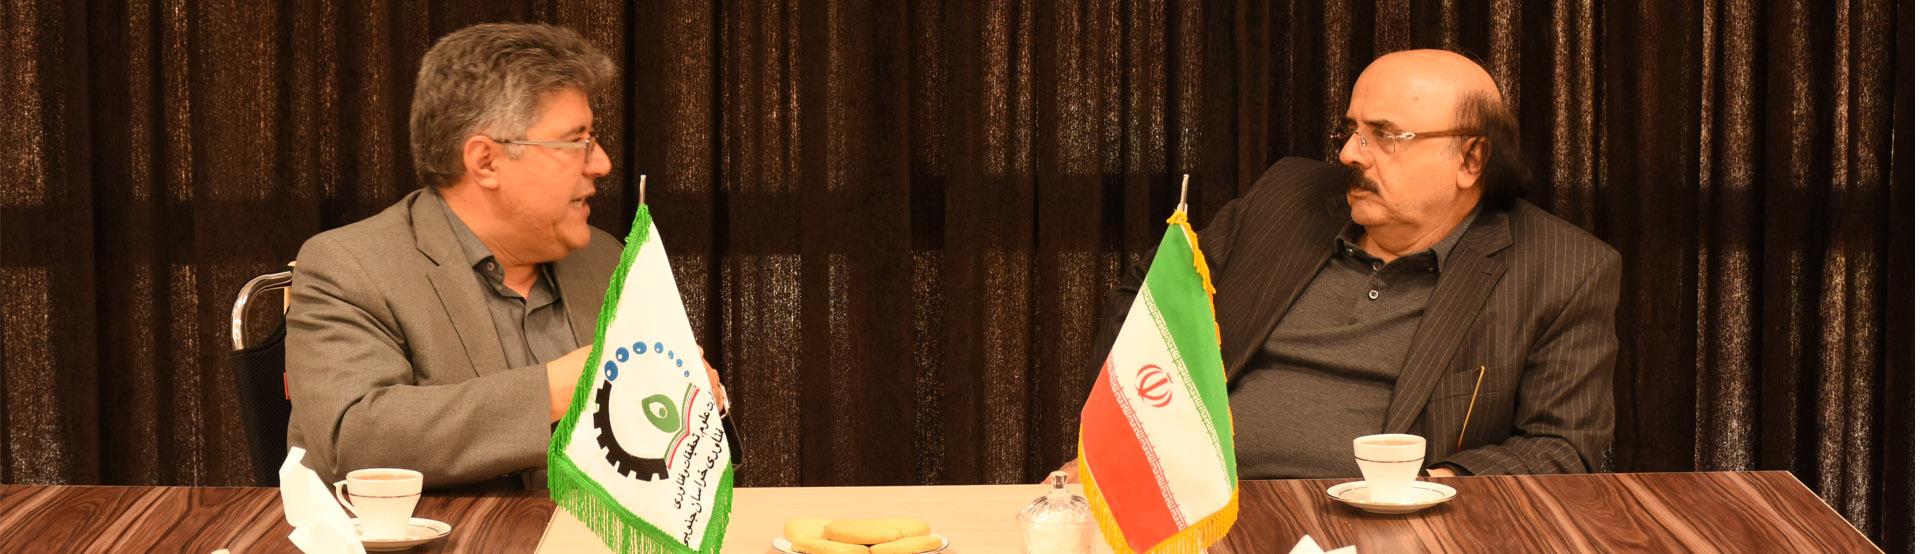 بازدید رئیس گروه صنعتی ناصری از پارک علم و فناوری خراسان جنوبی